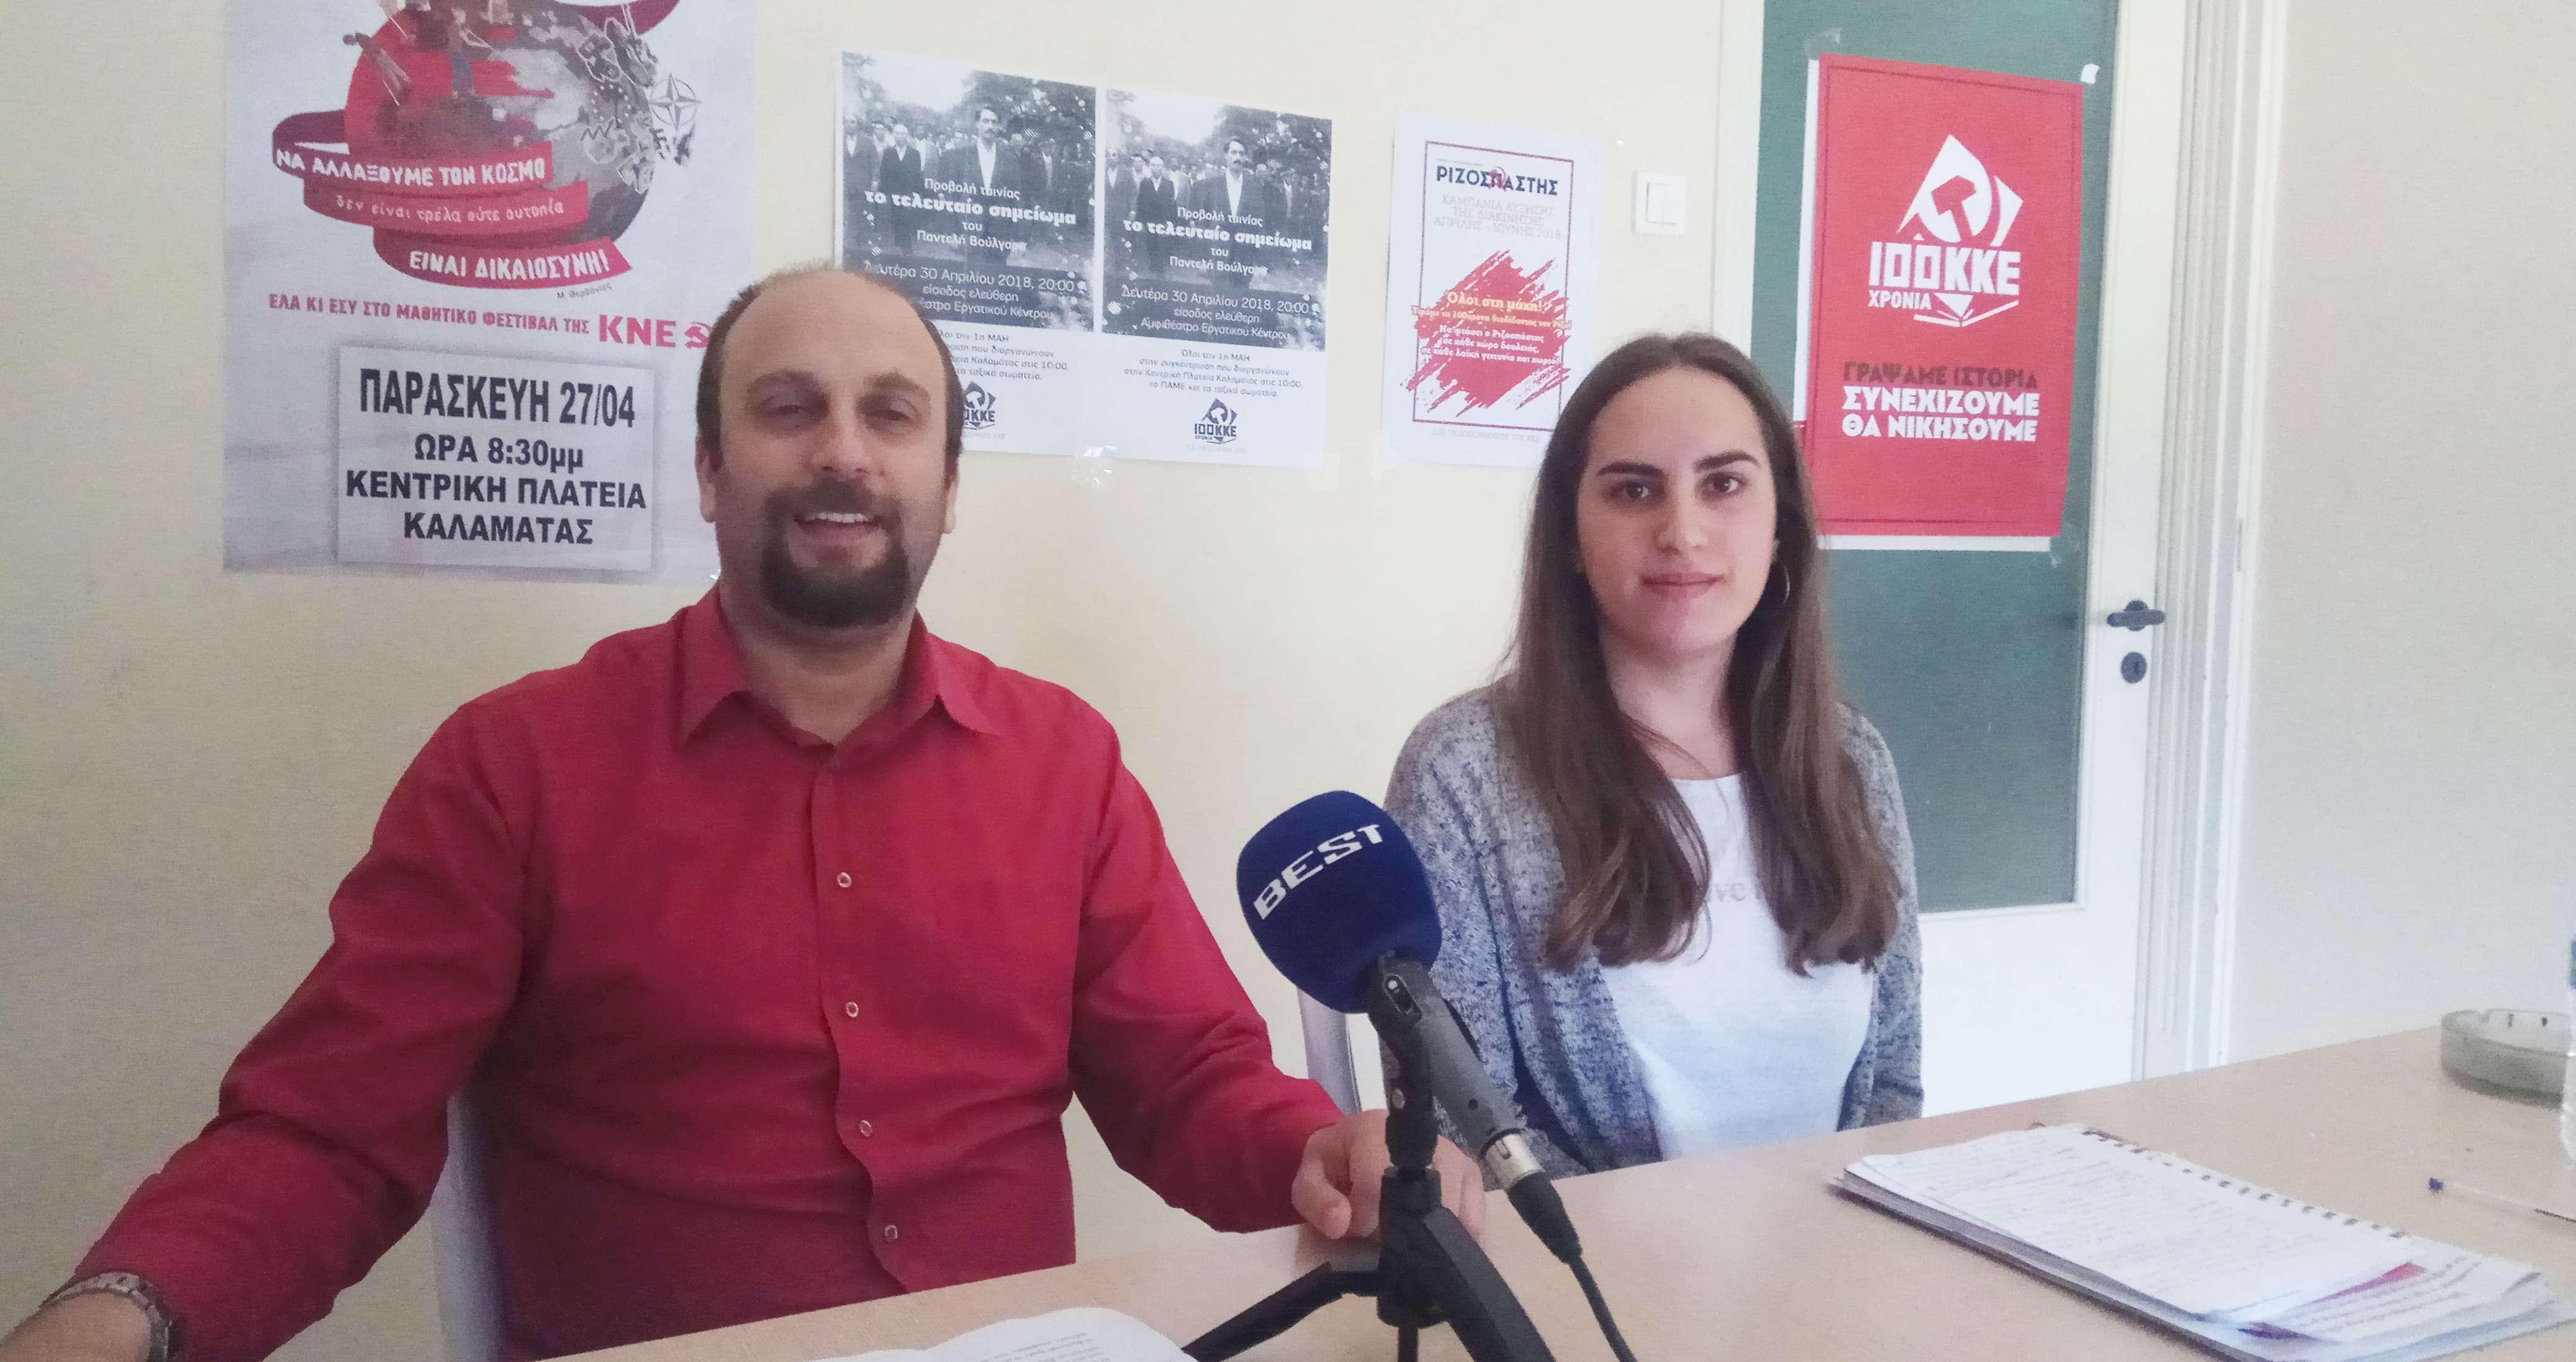 """ΚΚΕ: """"Σε άμεσο κίνδυνο βρίσκεται η πλειοψηφία των λαϊκών οικογενειών από τις κατασχέσεις"""""""